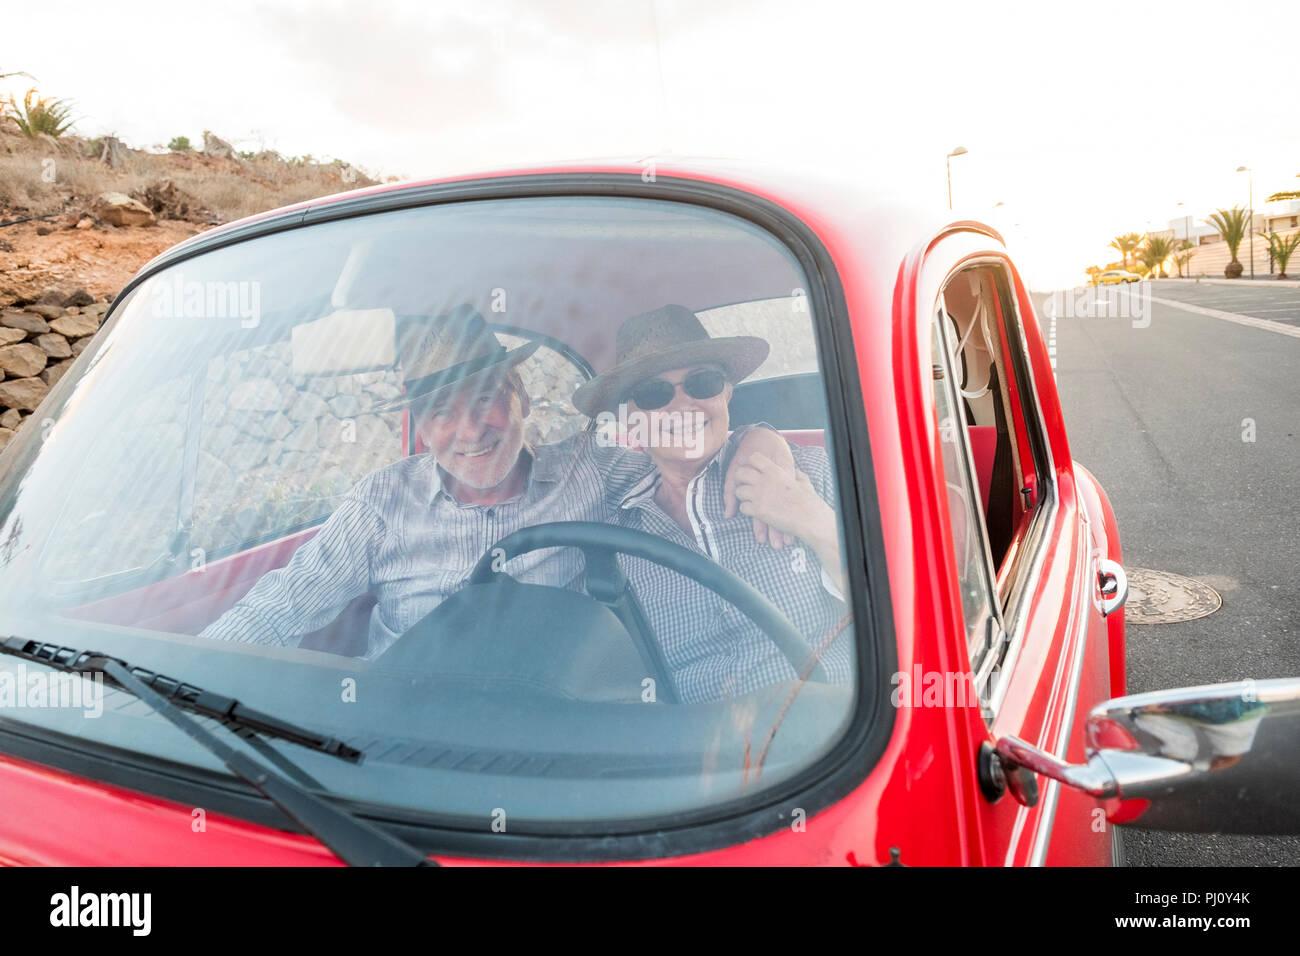 Bonita pareja adulta abrazo y amor dentro de un rojo vintage antiguo coche aparcado en la calle. Sonríe y diviértete viajando juntos. la felicidad y el estilo de vida de ni Imagen De Stock